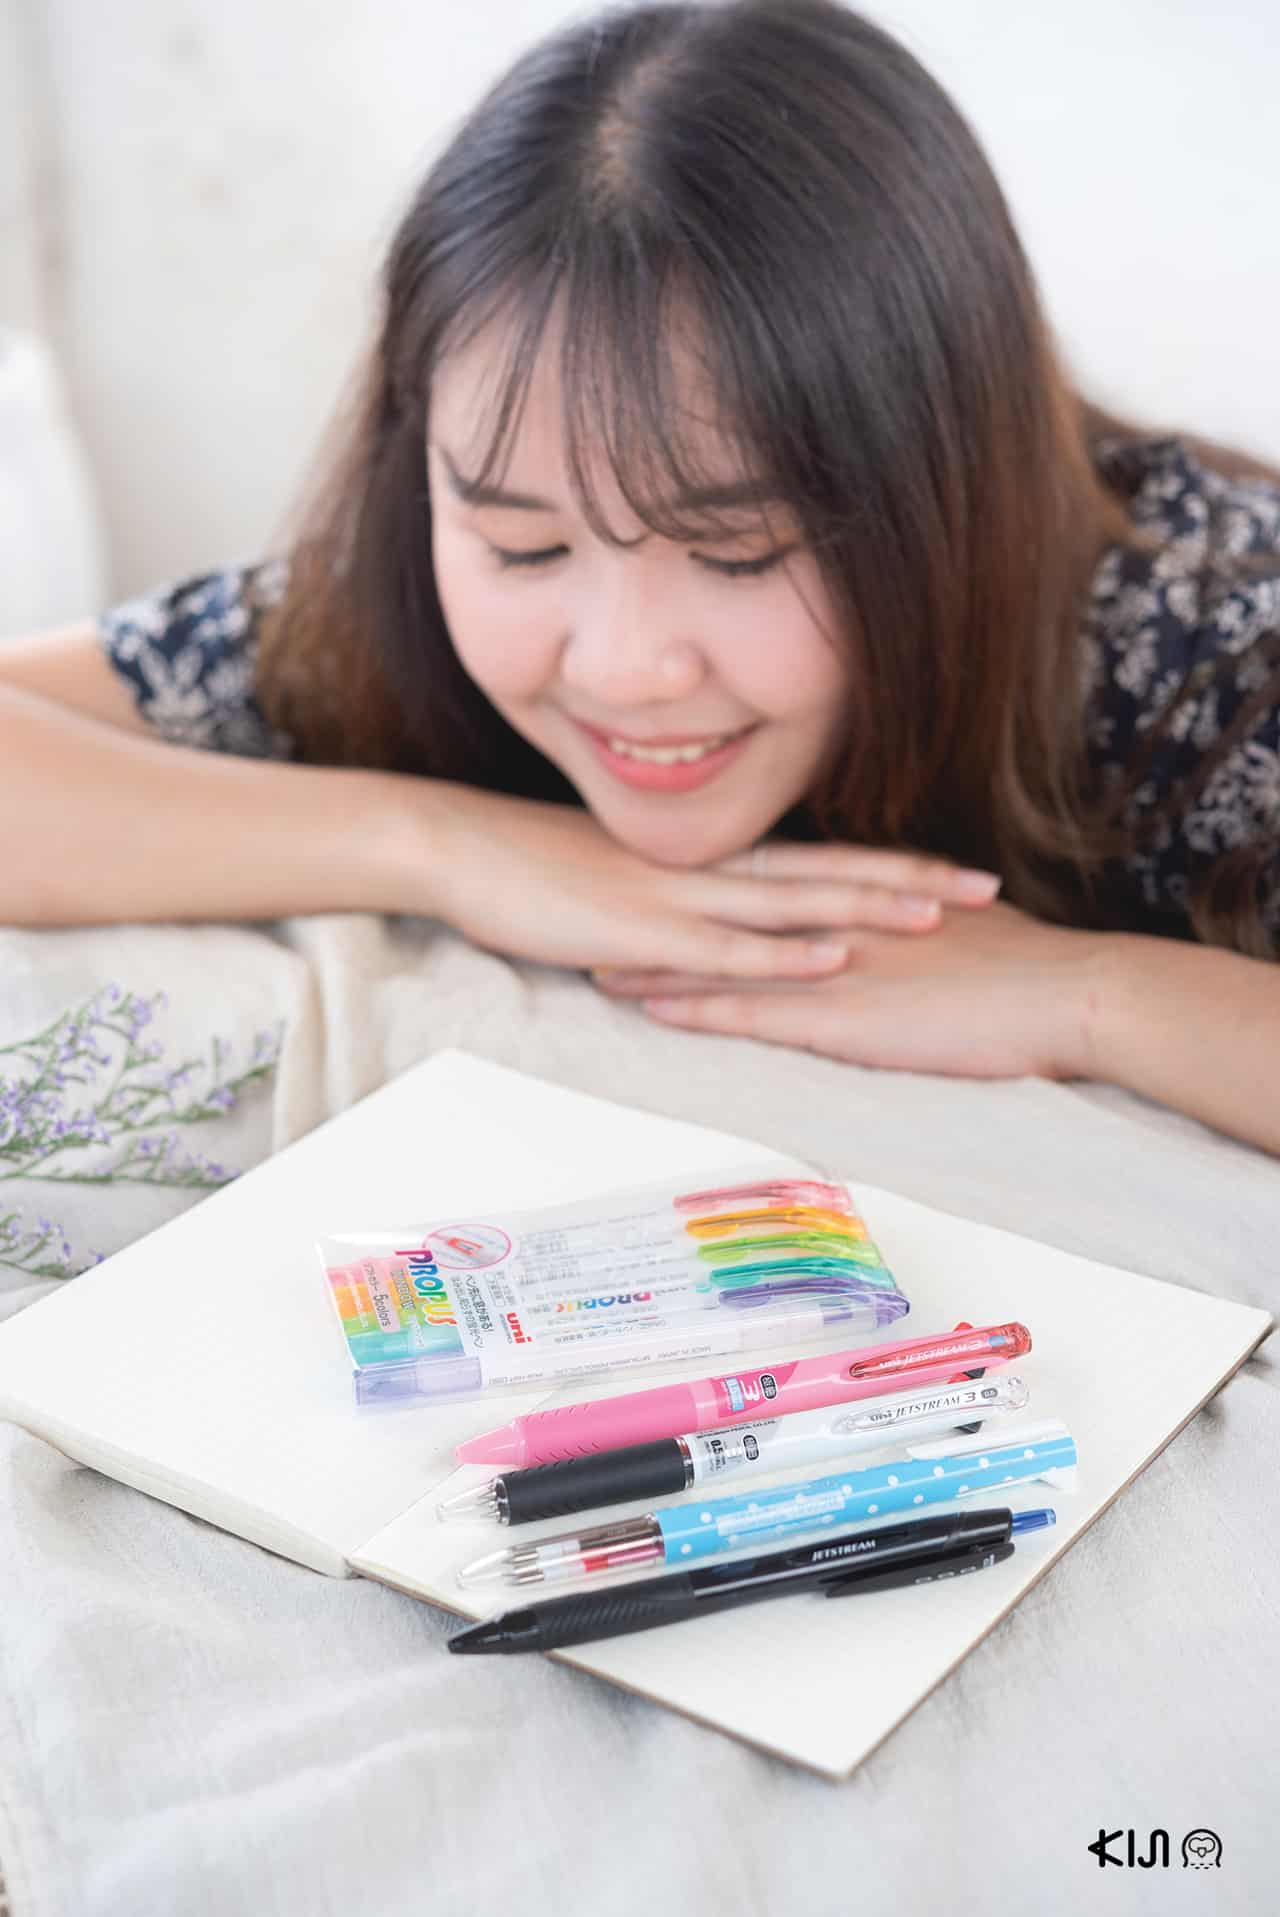 เด็กฝึกงานคิจิ กับปากกา uni แท่งโปรดของเธอ